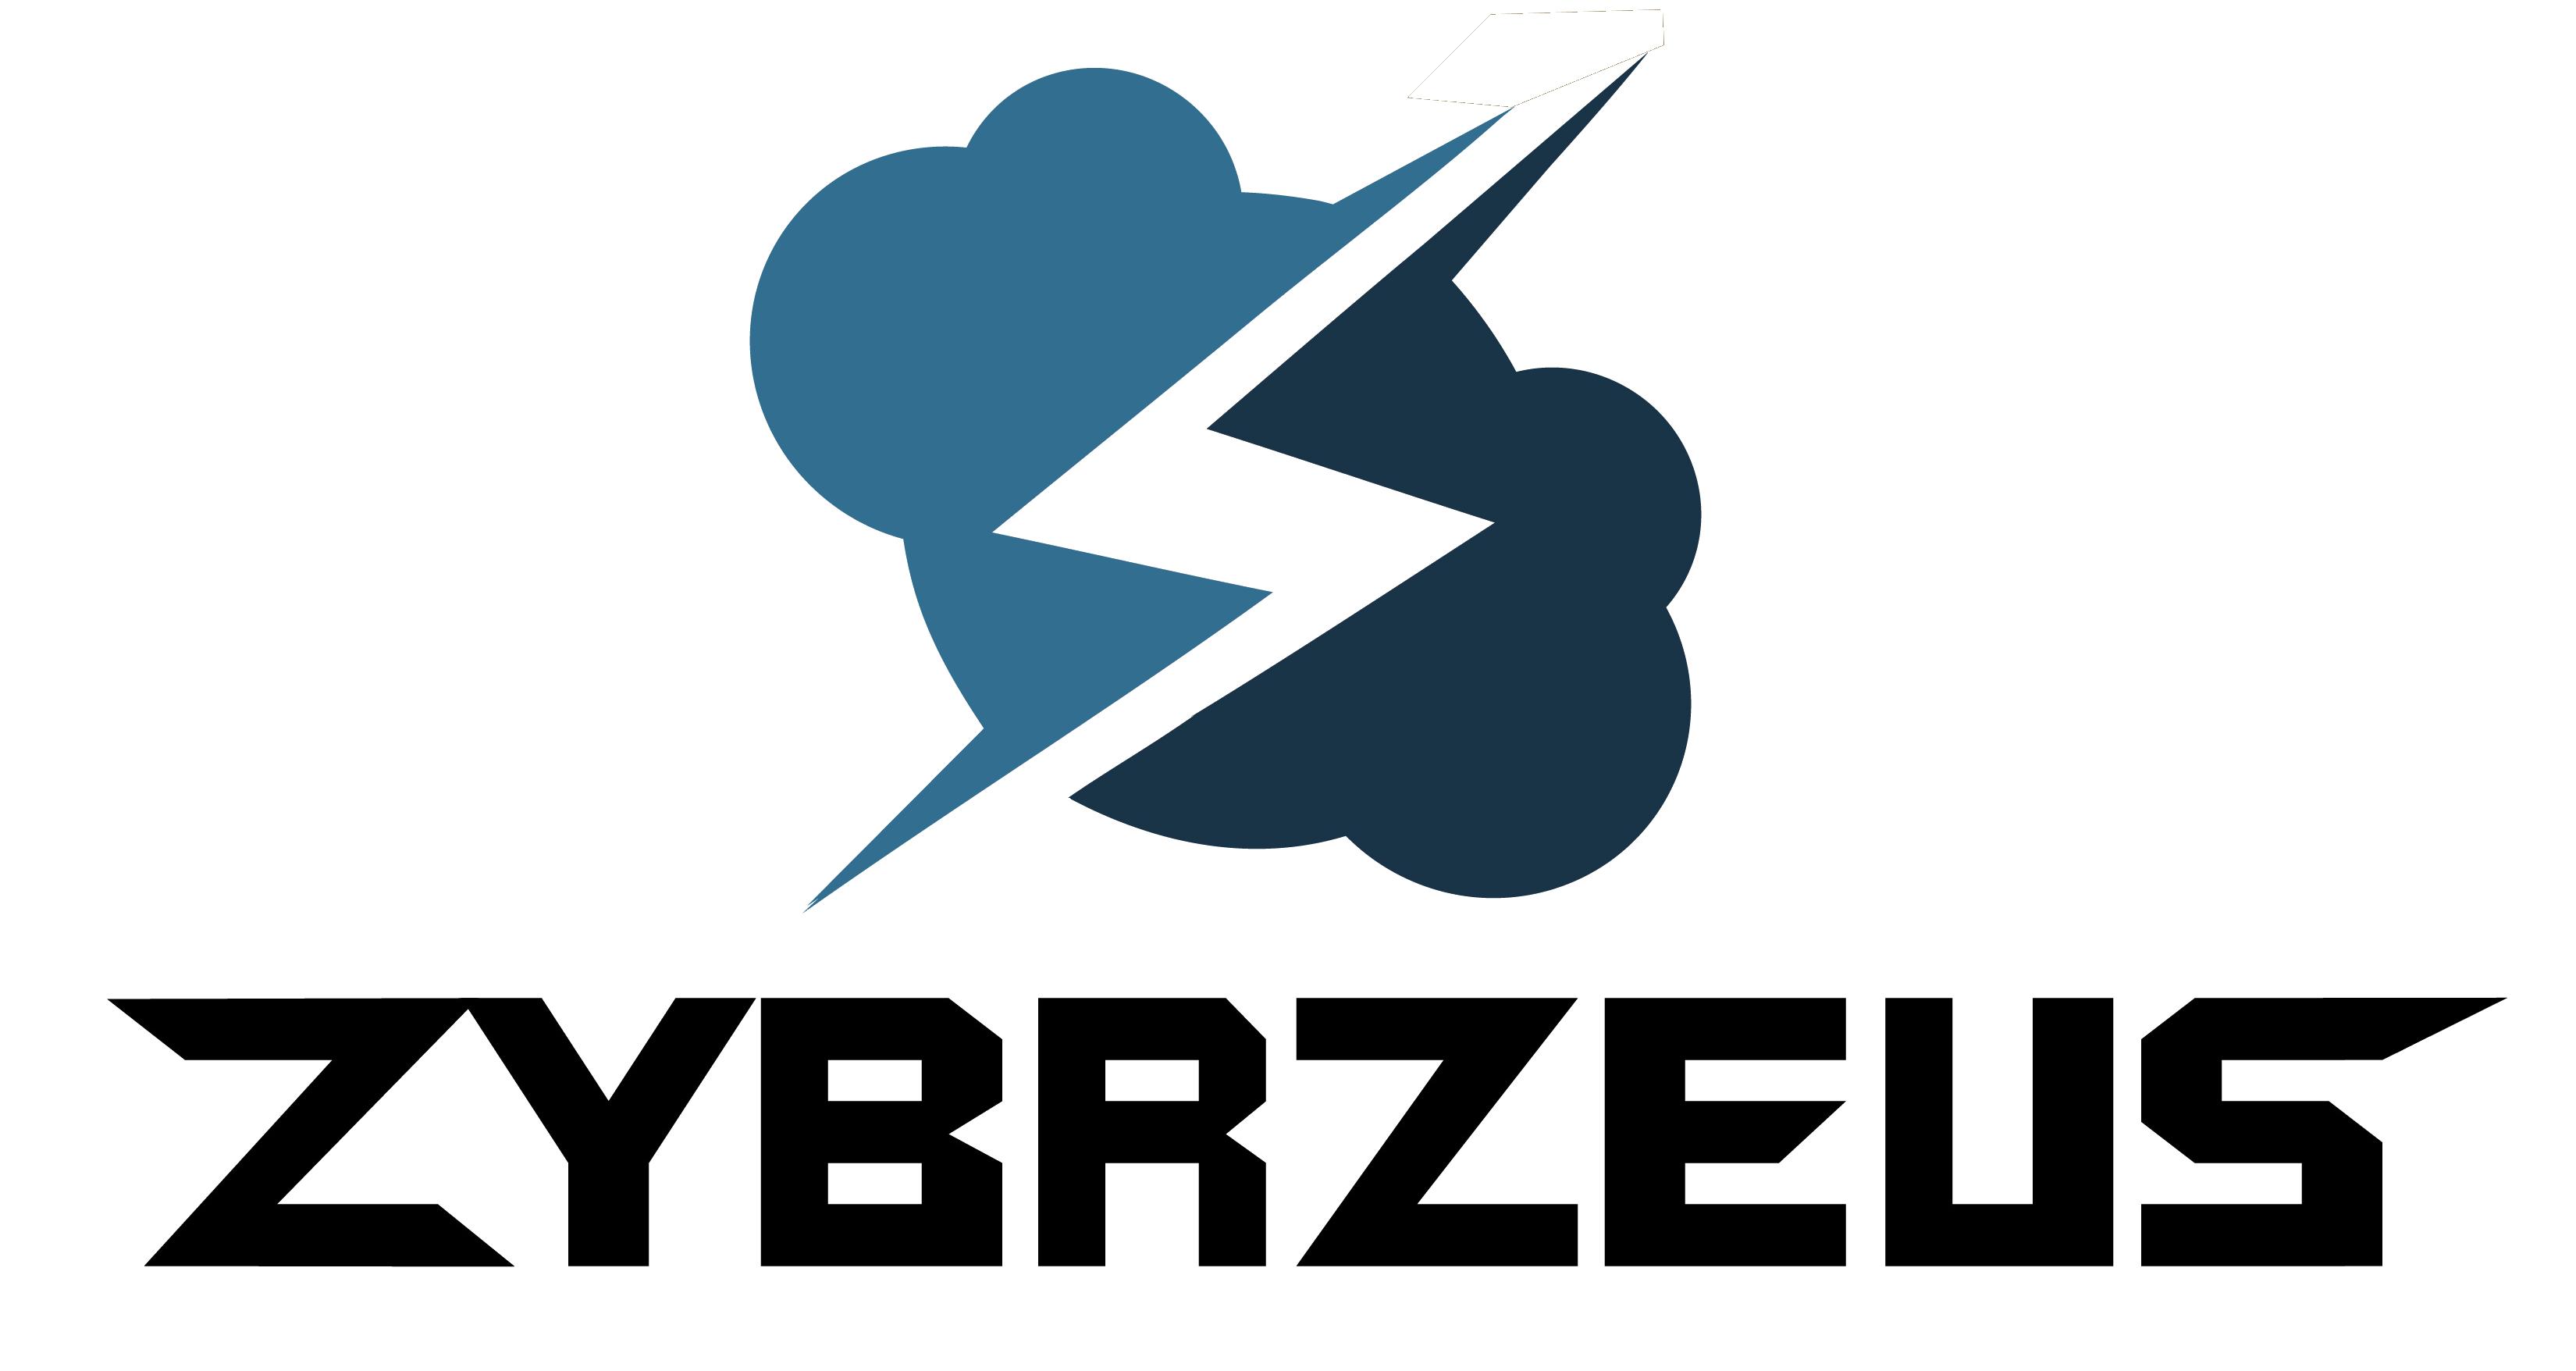 Zybrzeus Logo